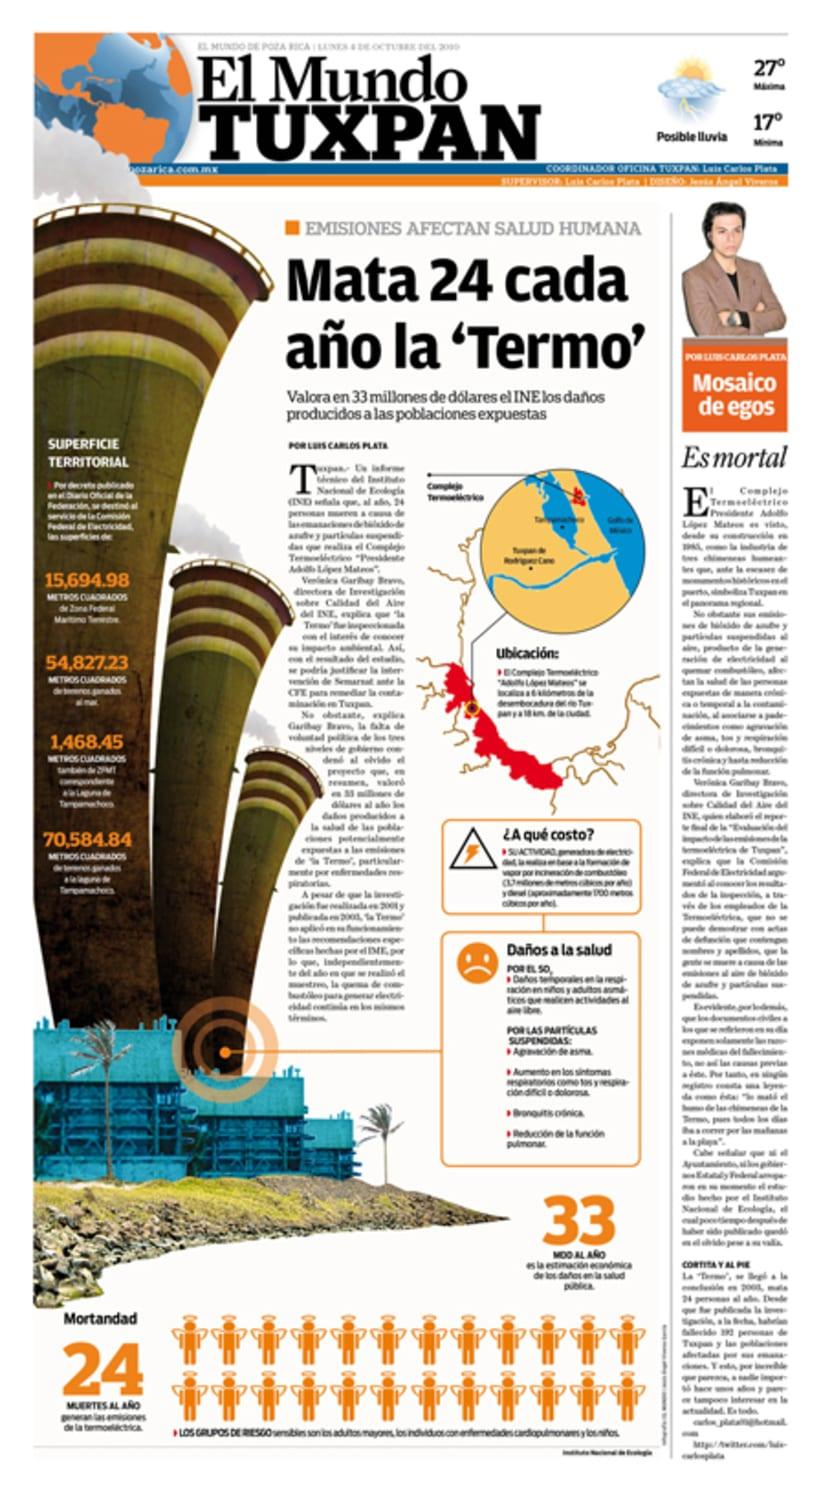 Diseño editorial-ELMUNDO 1